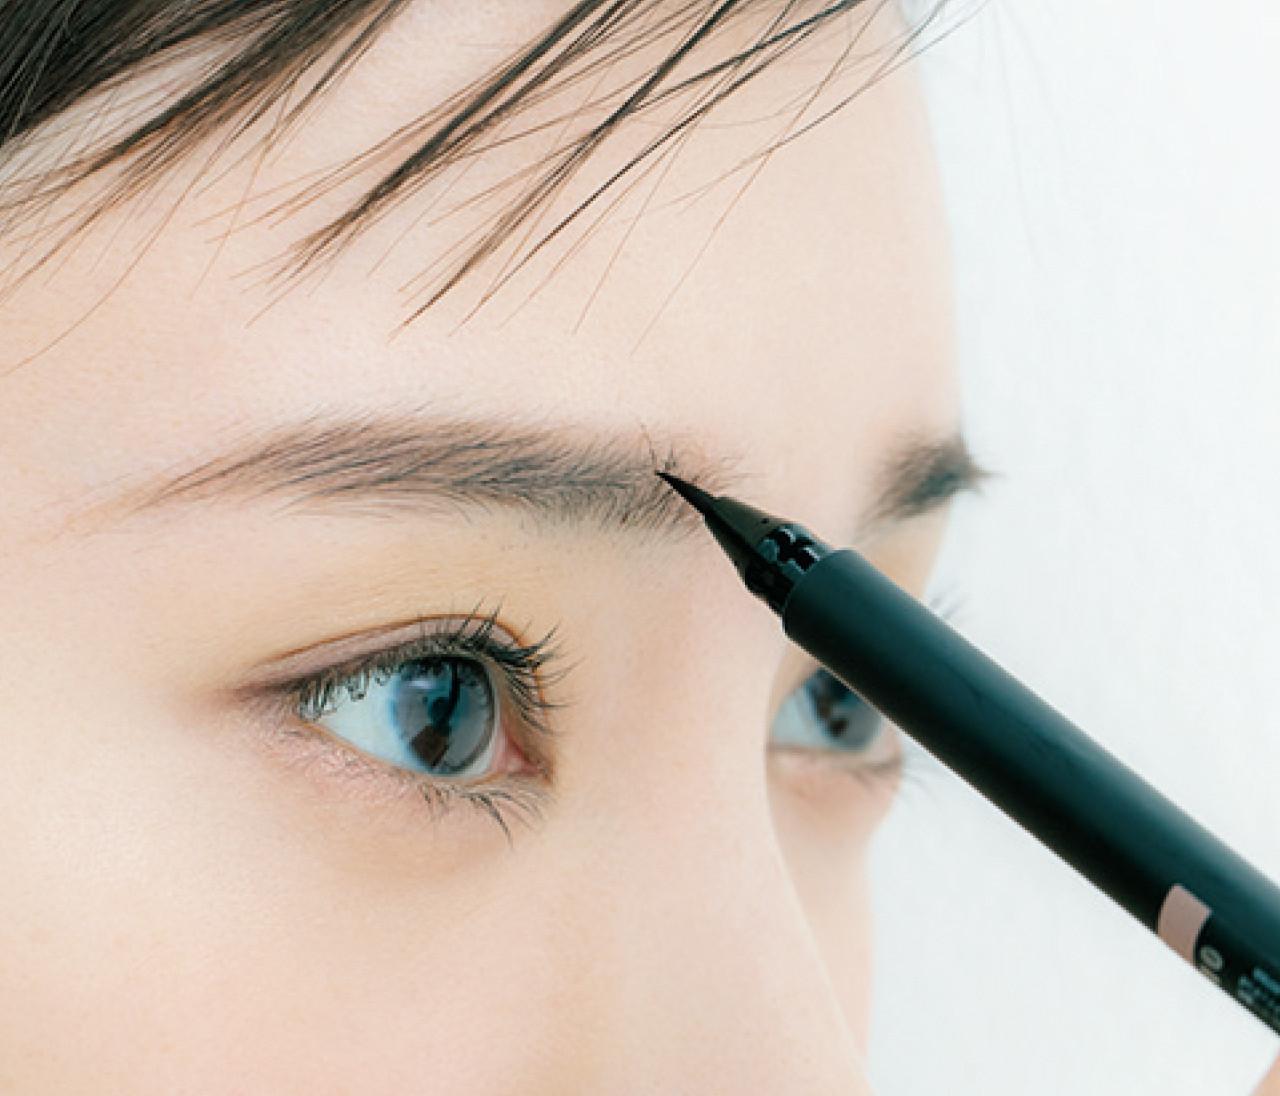 【30代のためのネオ美人眉Q&A3】眉頭を上手に描くには?